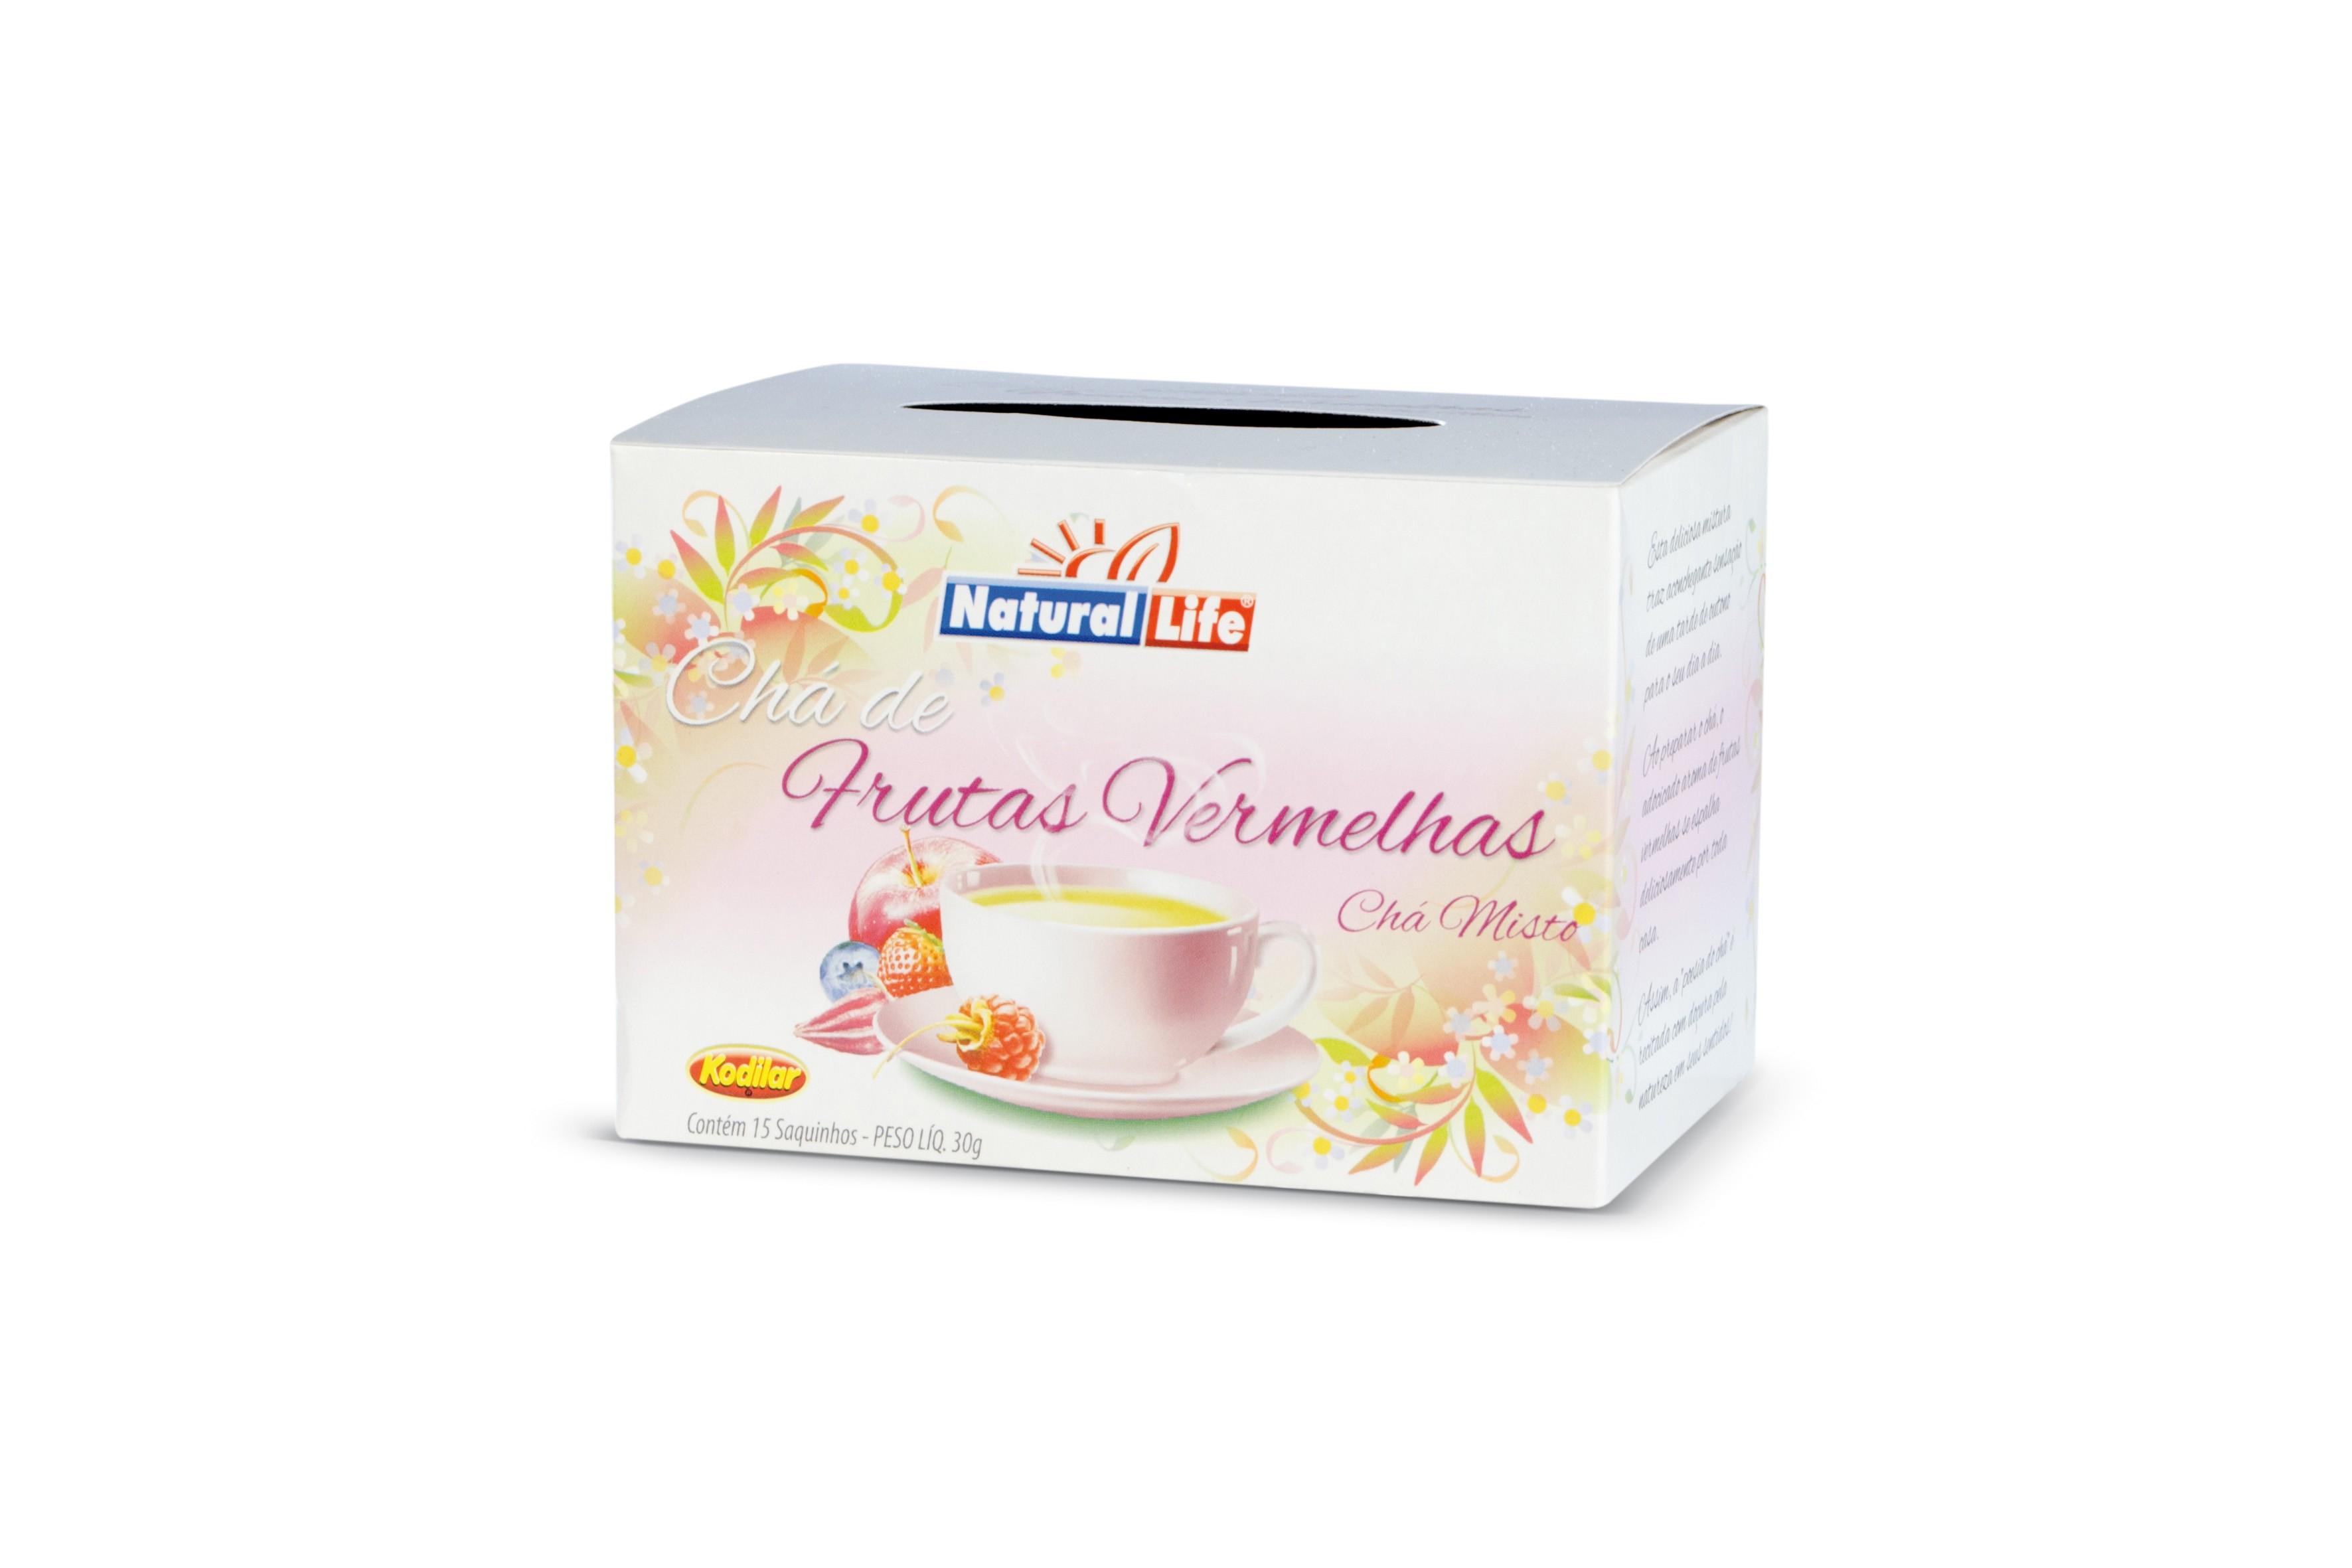 Chá Misto Frutas Vermelhas (15 Sachês) Natural Life